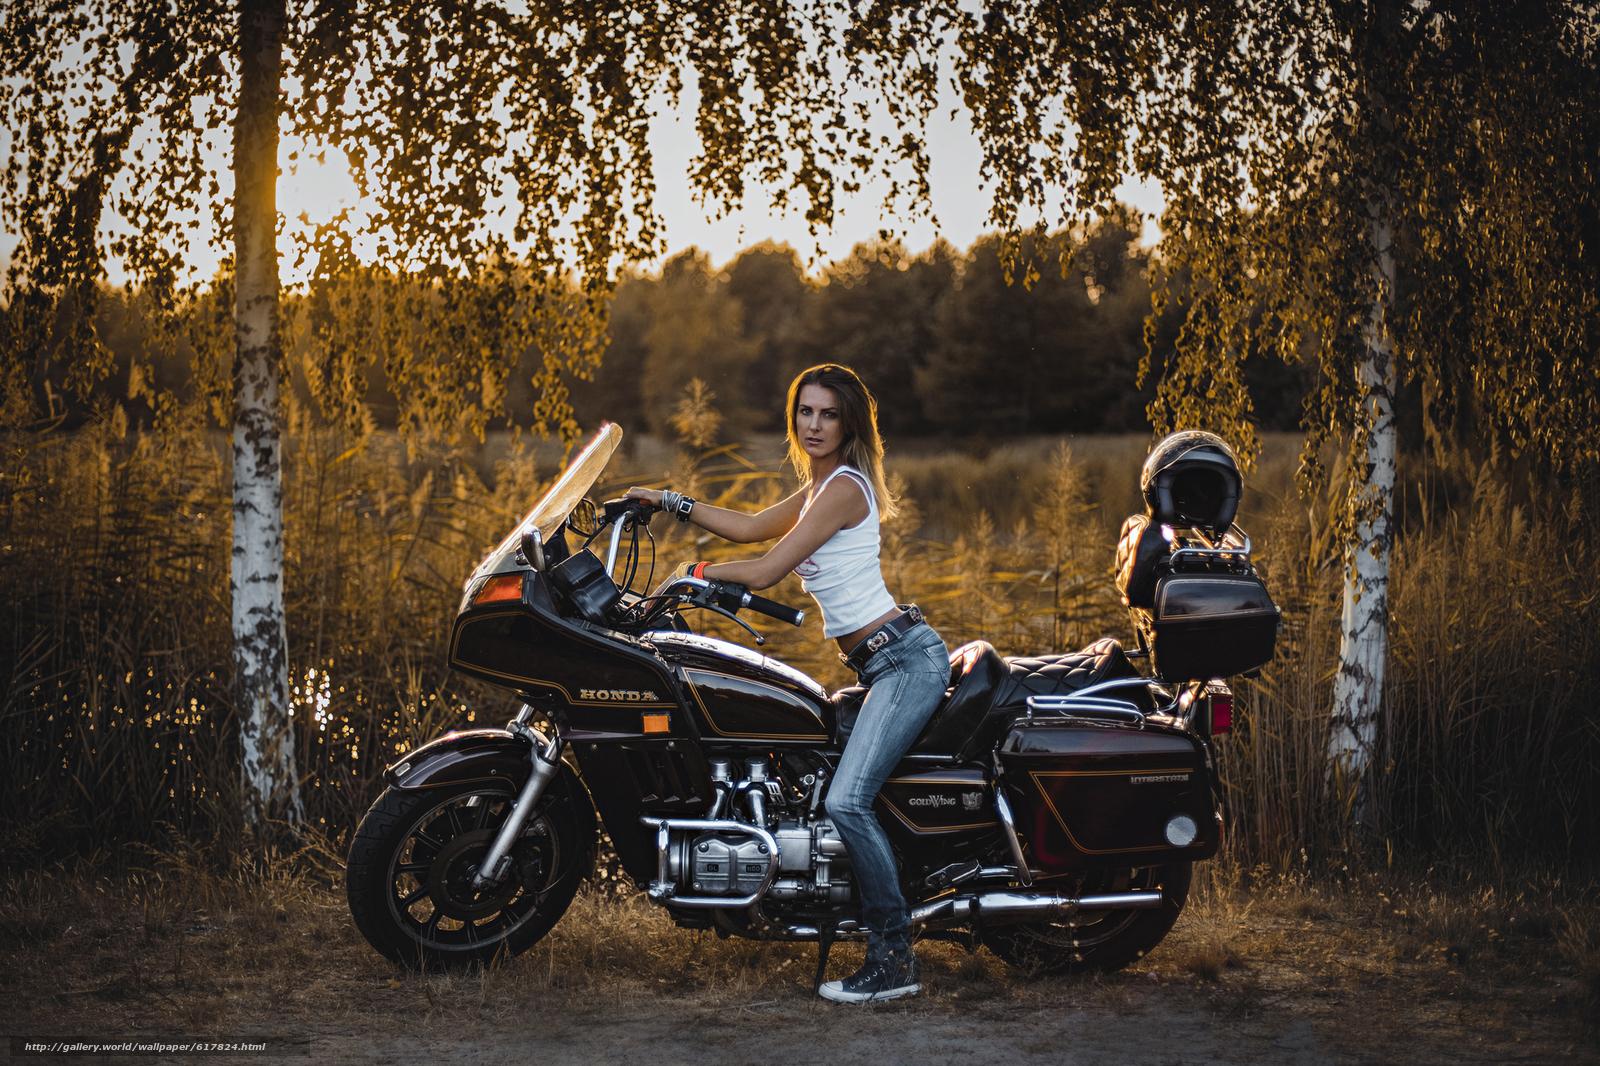 Скачать обои девушка,  джинсы,  мотоцикл,  Honda бесплатно для рабочего стола в разрешении 2048x1365 — картинка №617824